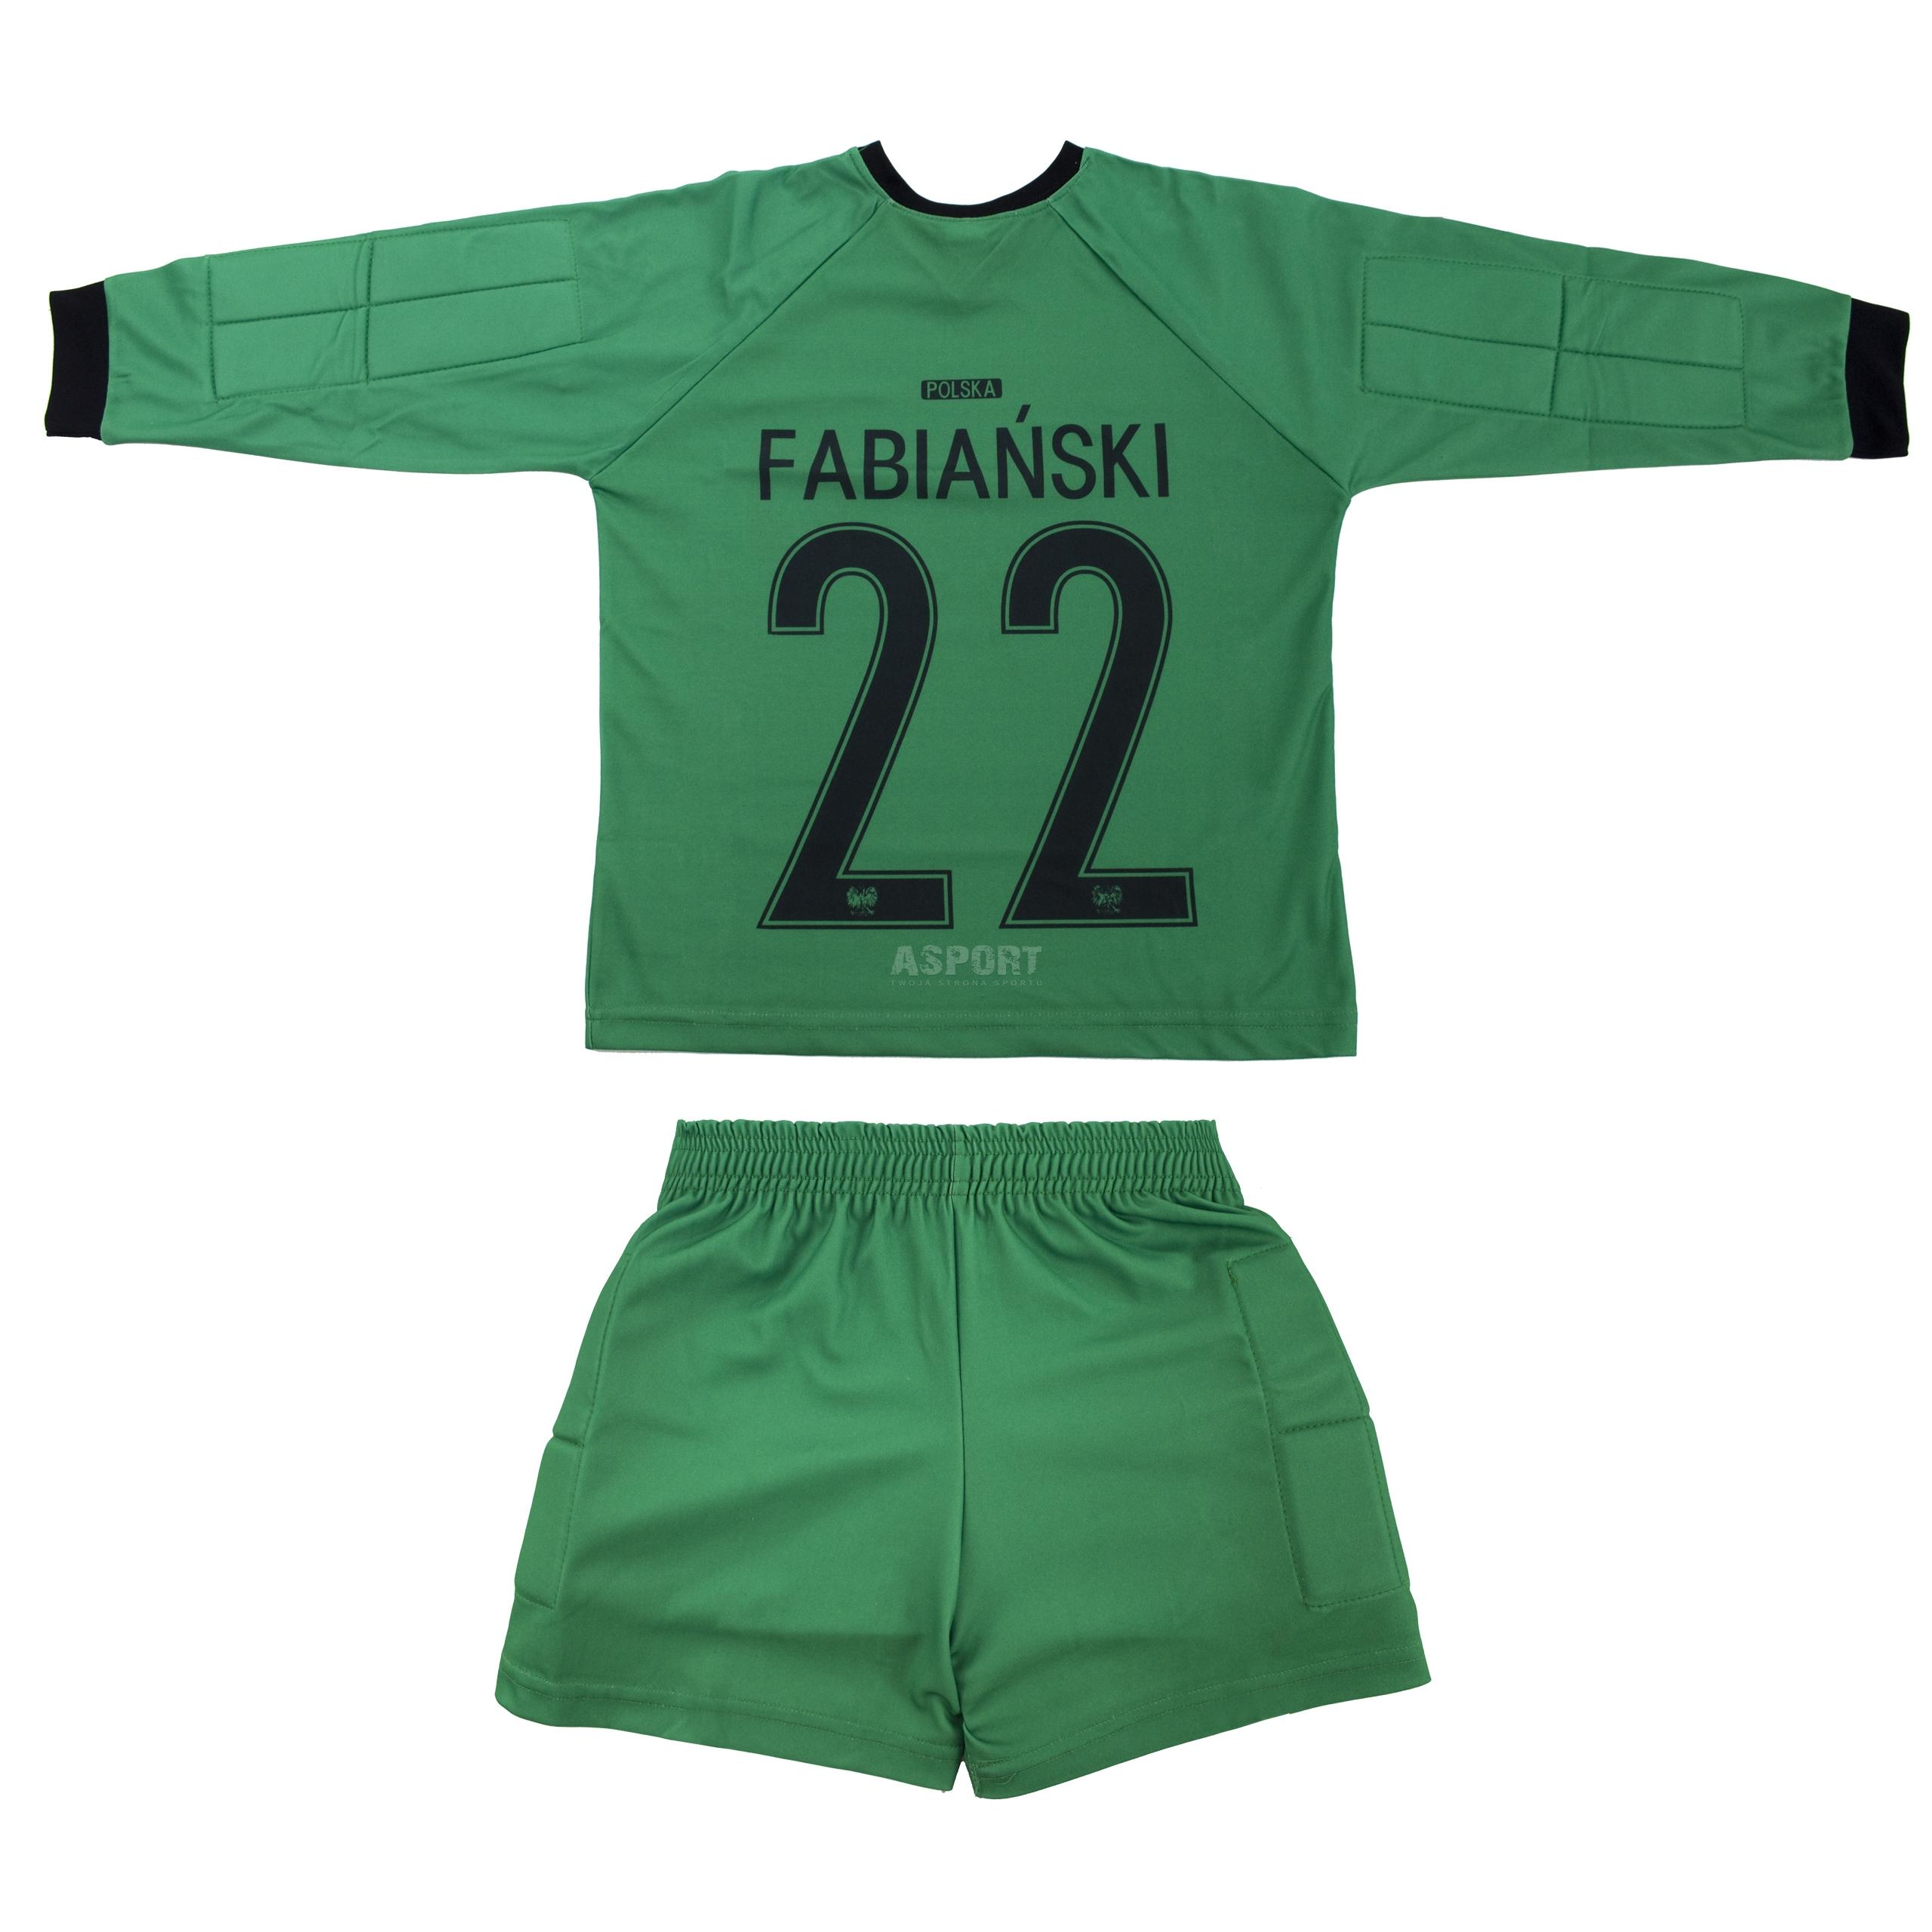 16bf4d8ee26038 Strój piłkarski bramkarski dziecięcy, koszulka + spodenki FABIAŃSKI replika